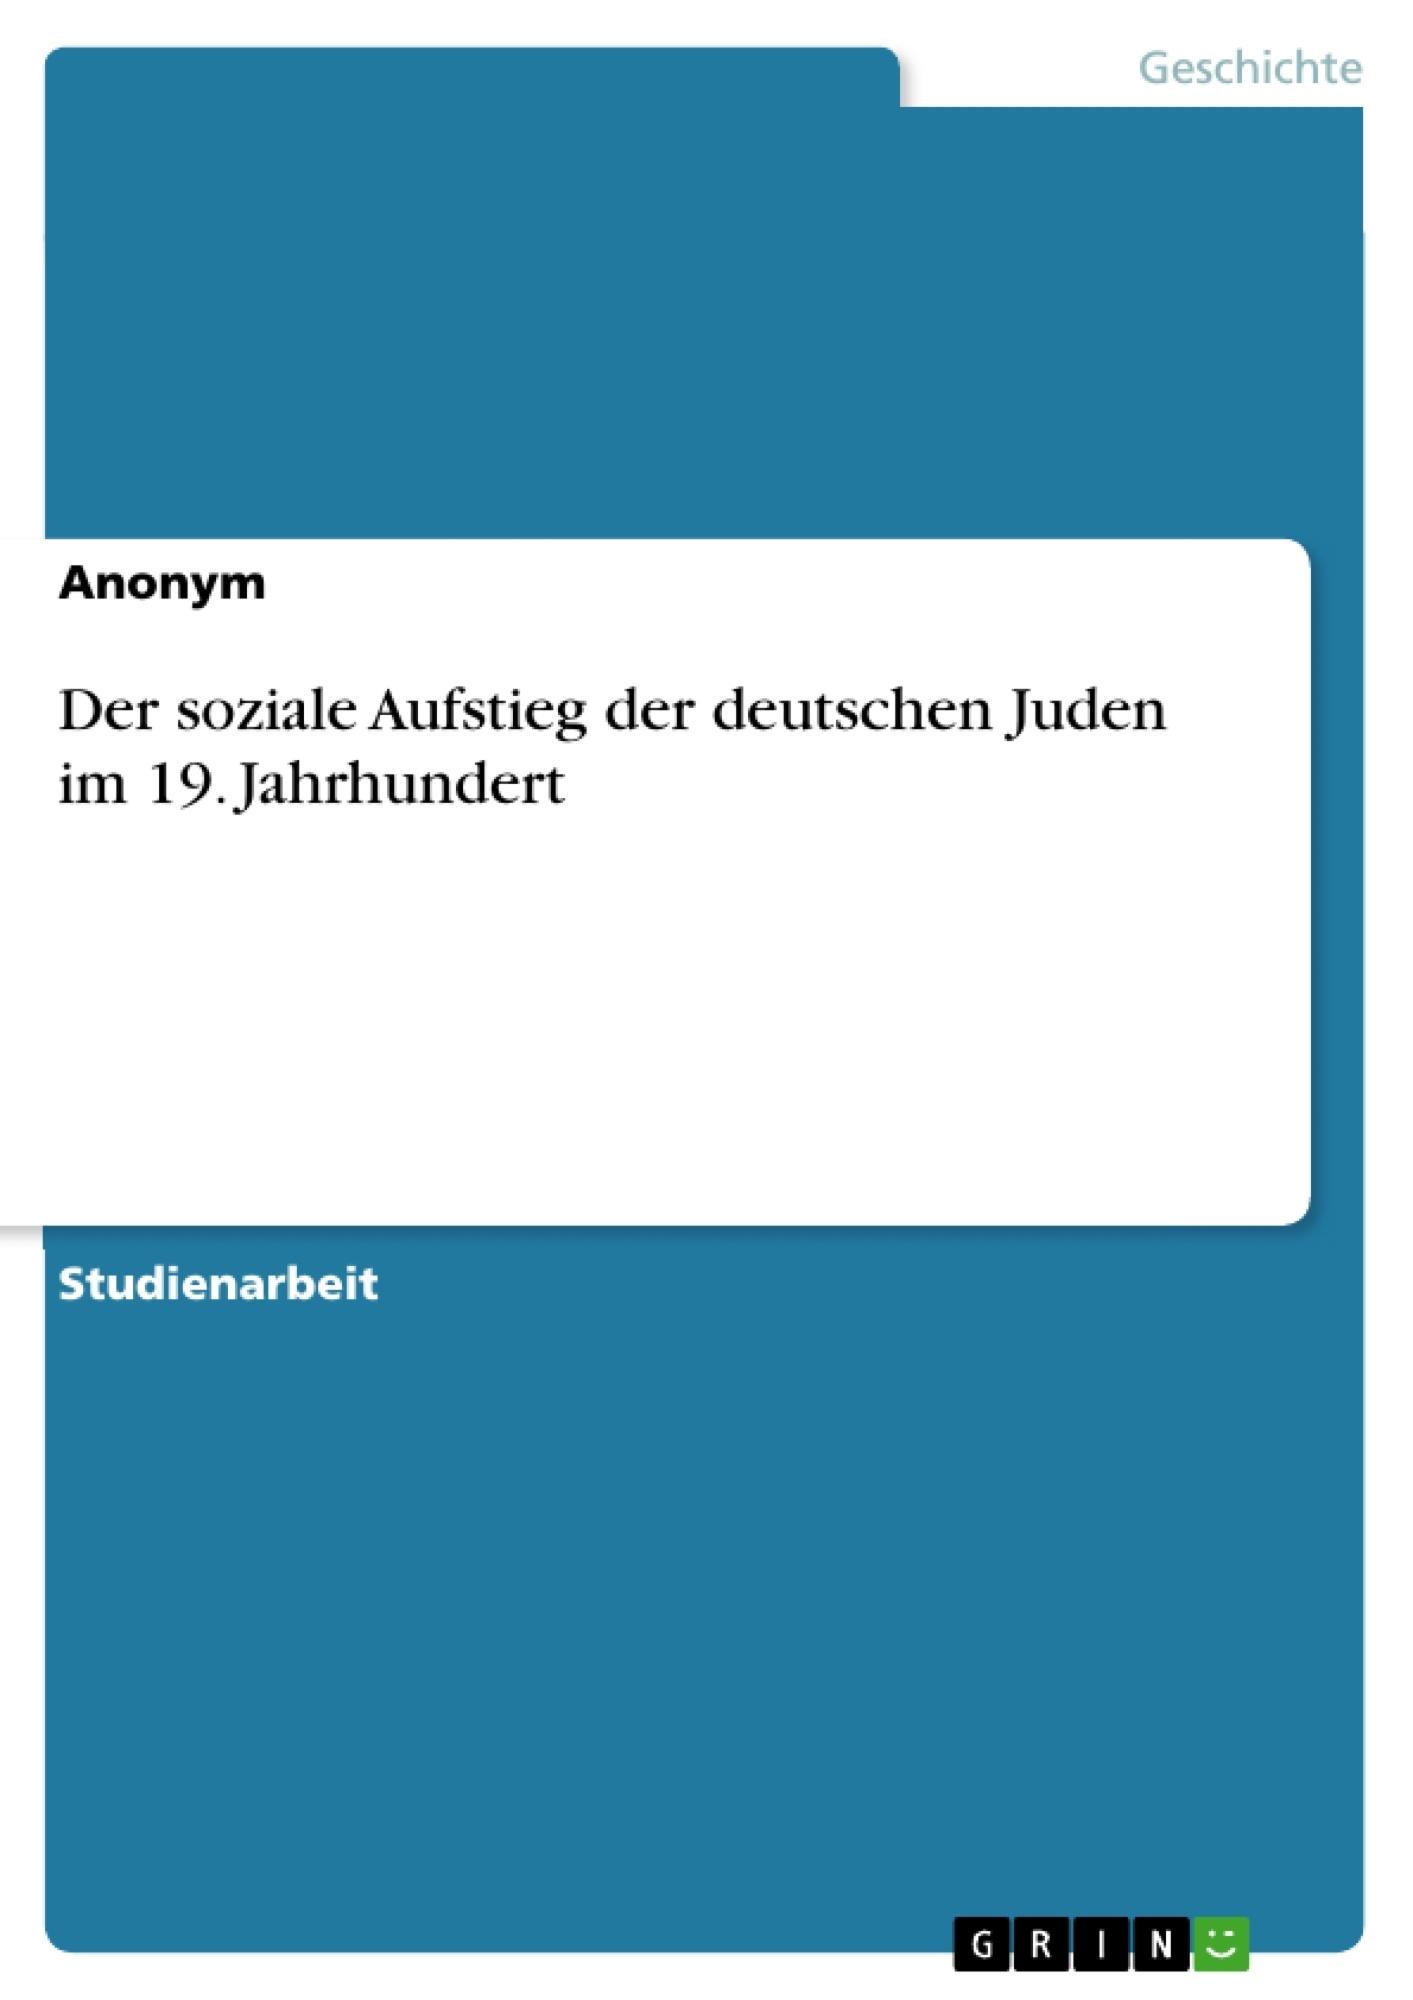 Titel: Der soziale Aufstieg der deutschen Juden im 19. Jahrhundert